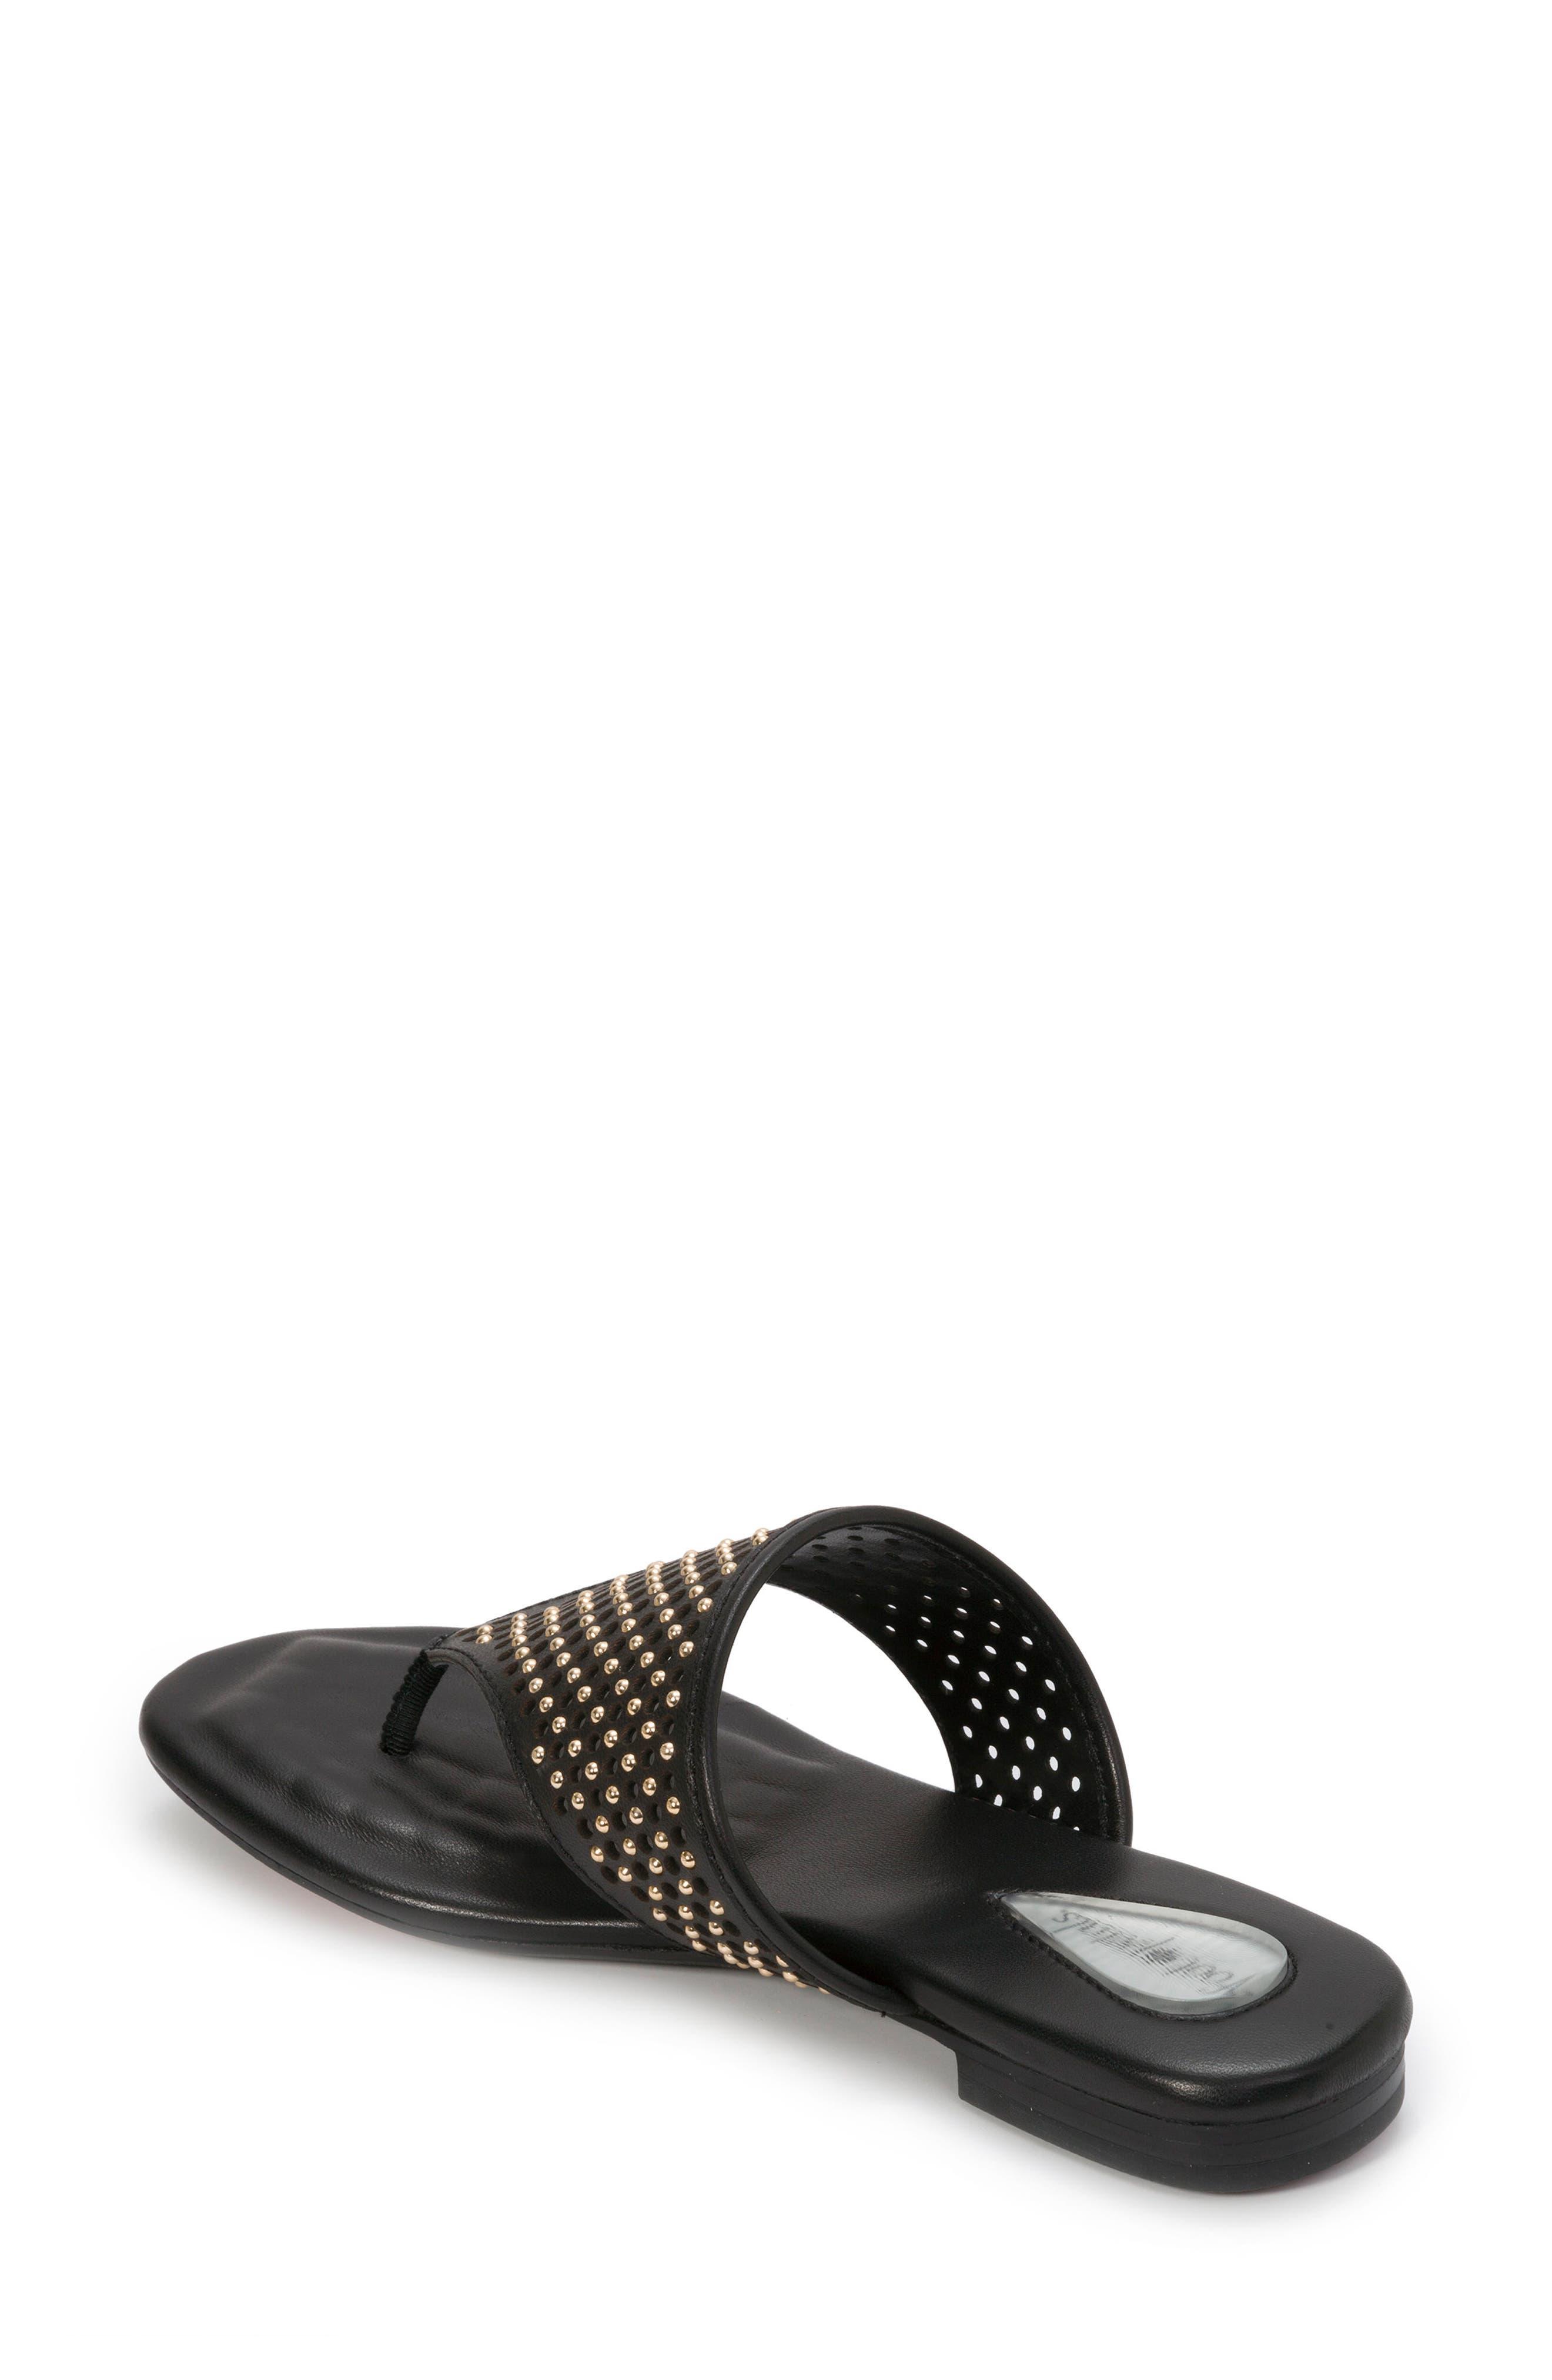 b531826c3057 Women s Foot Petals Shoes